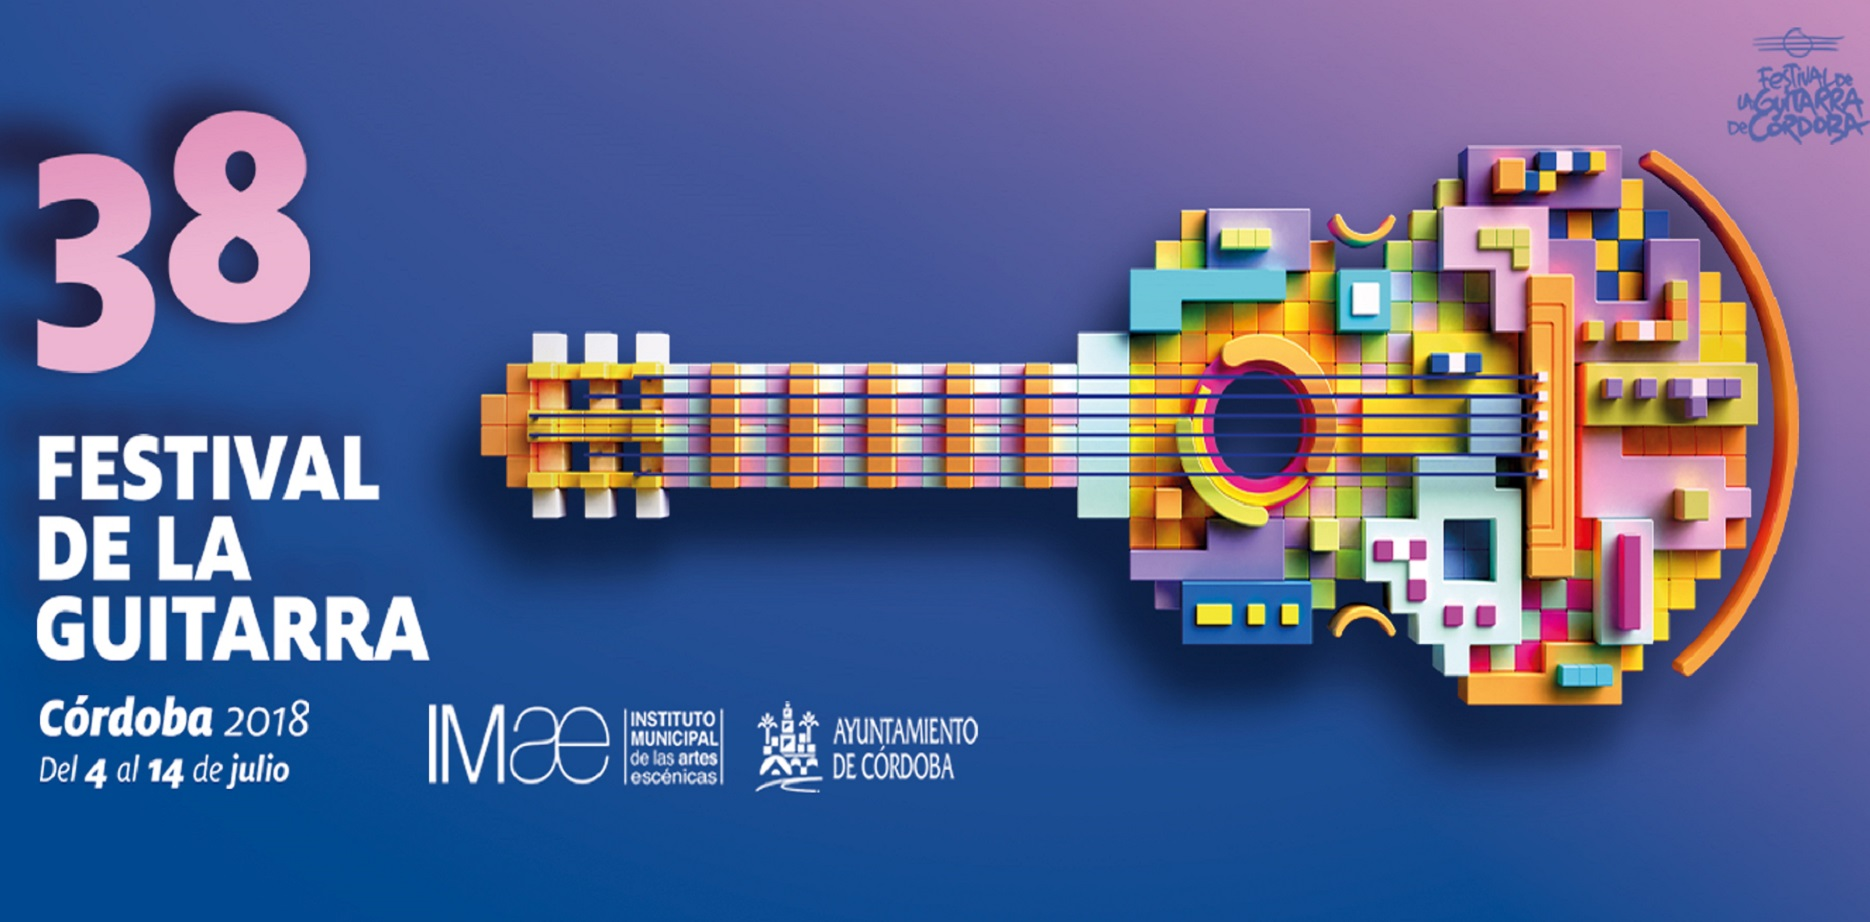 Orquesta de Castilla y León 18-19, homenaje a López Cobos